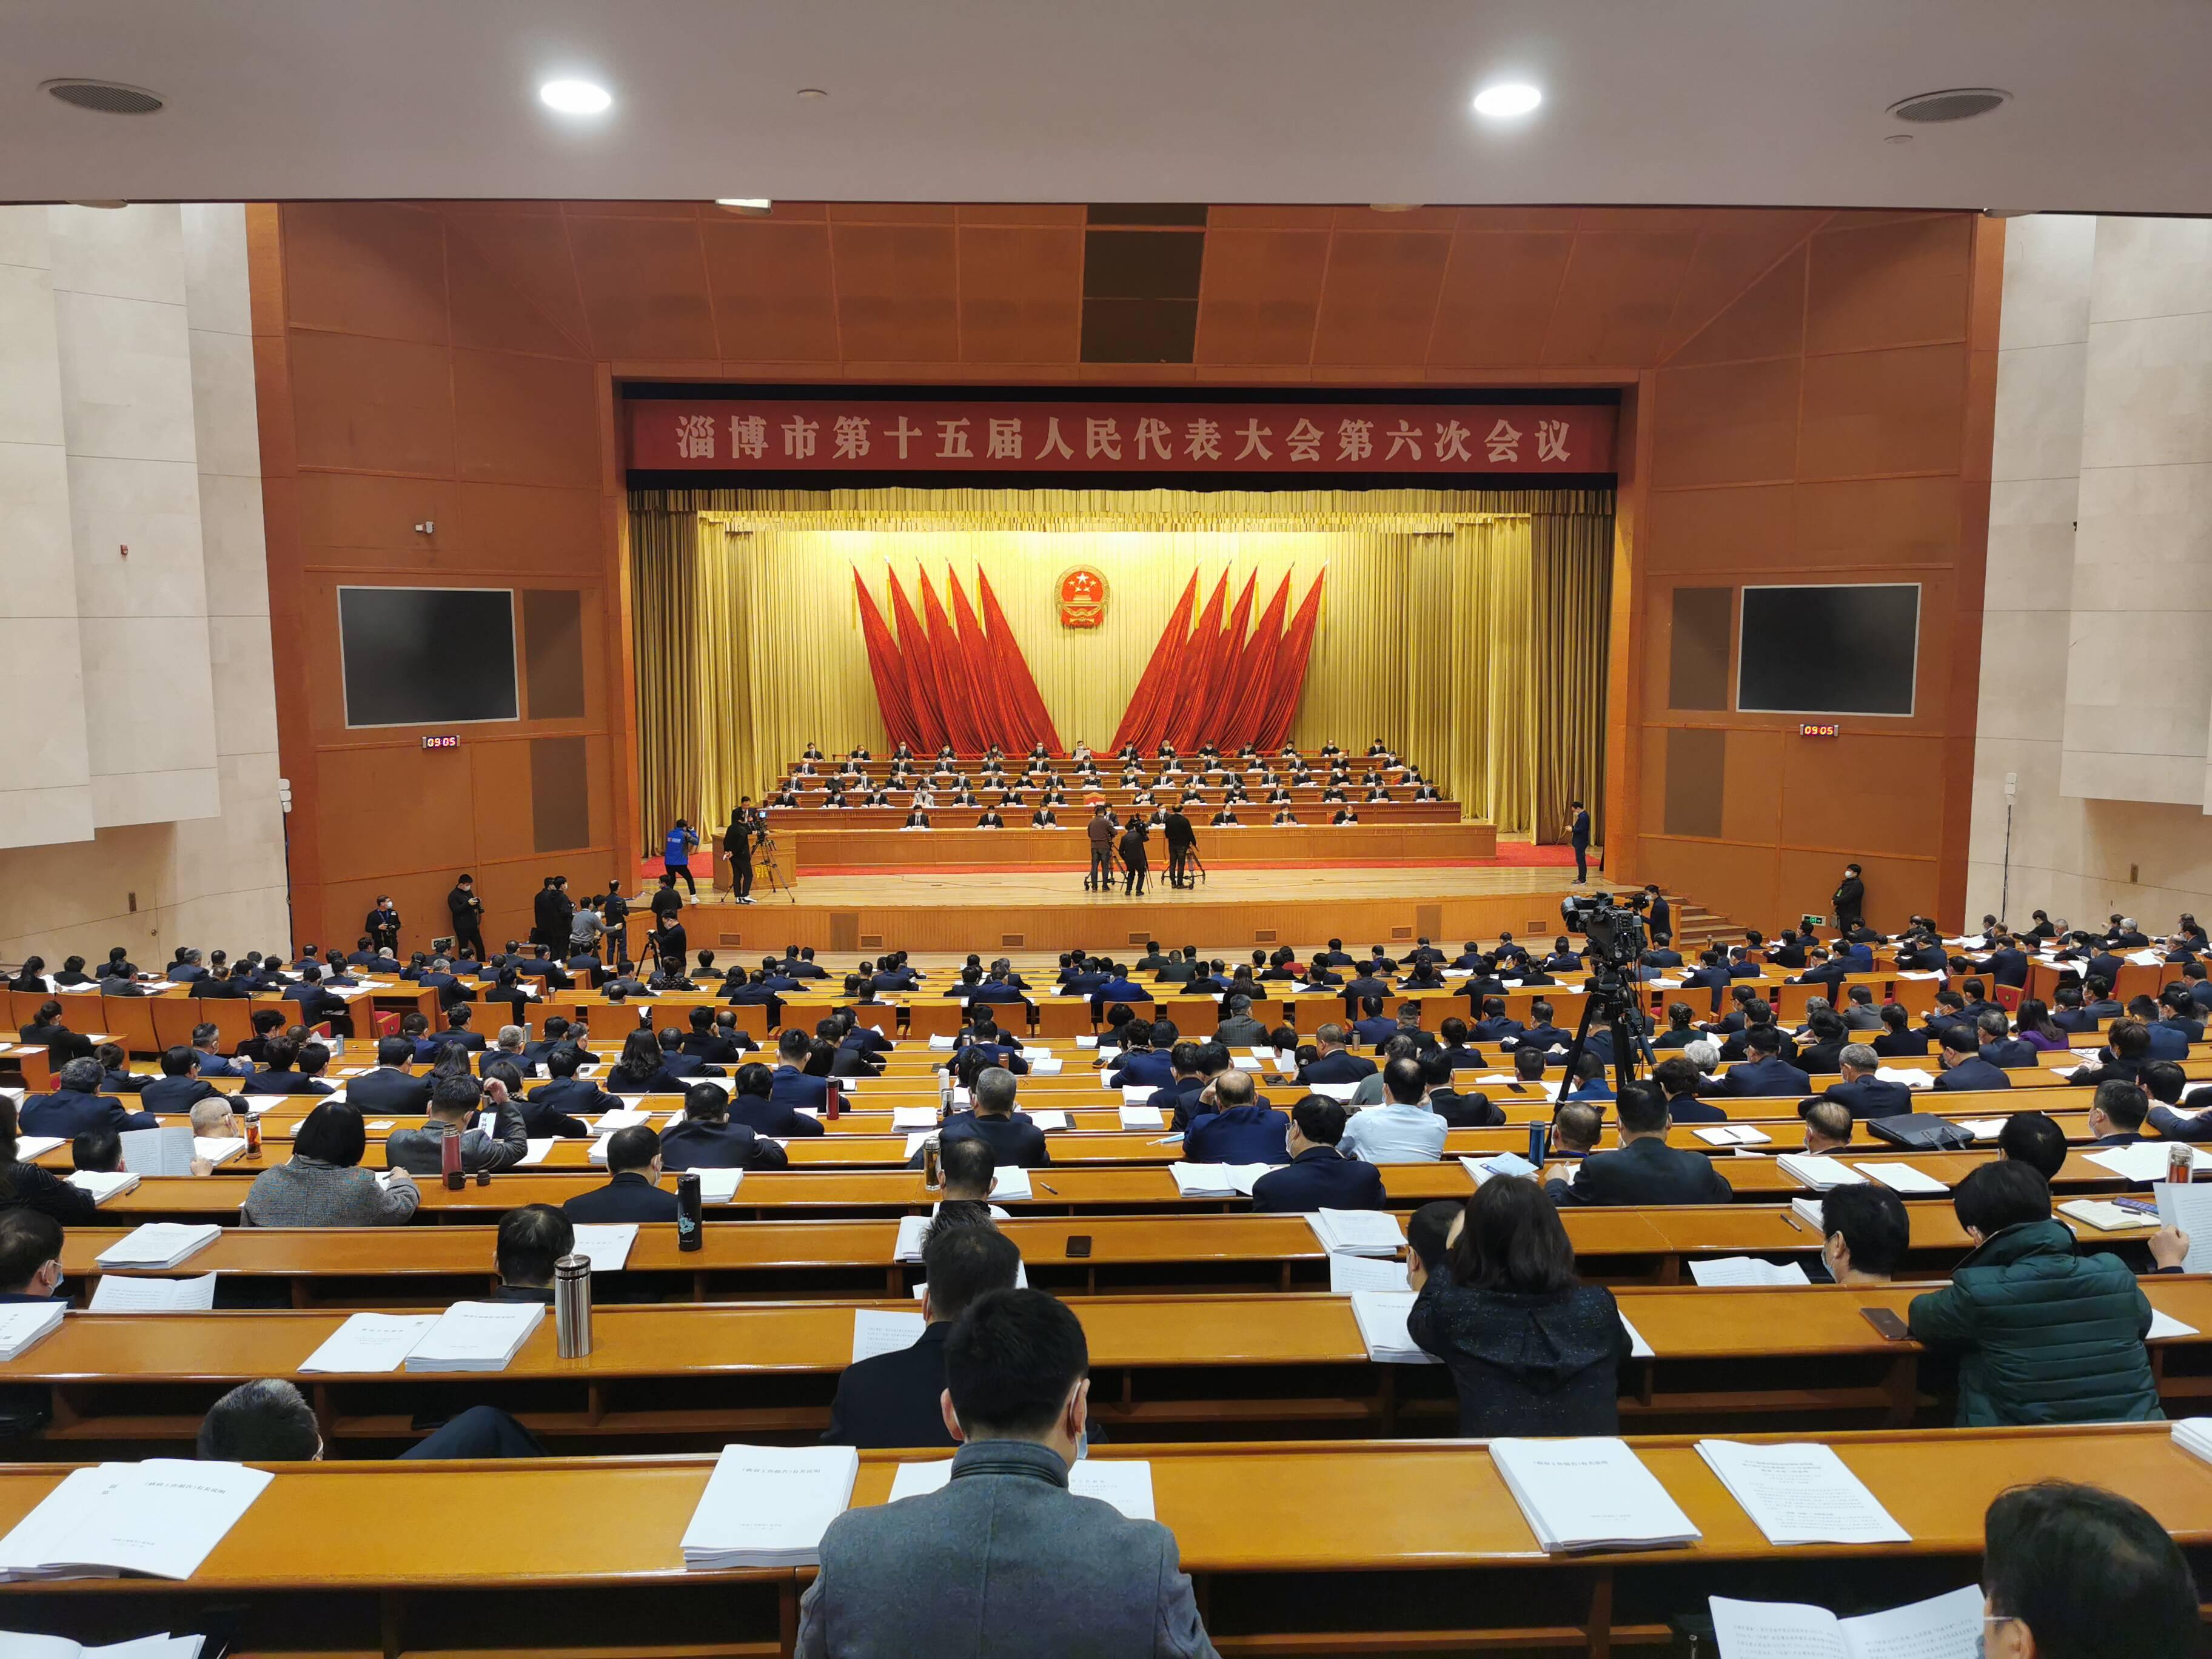 淄博市第十五届人民代表大会第六次会议隆重开幕